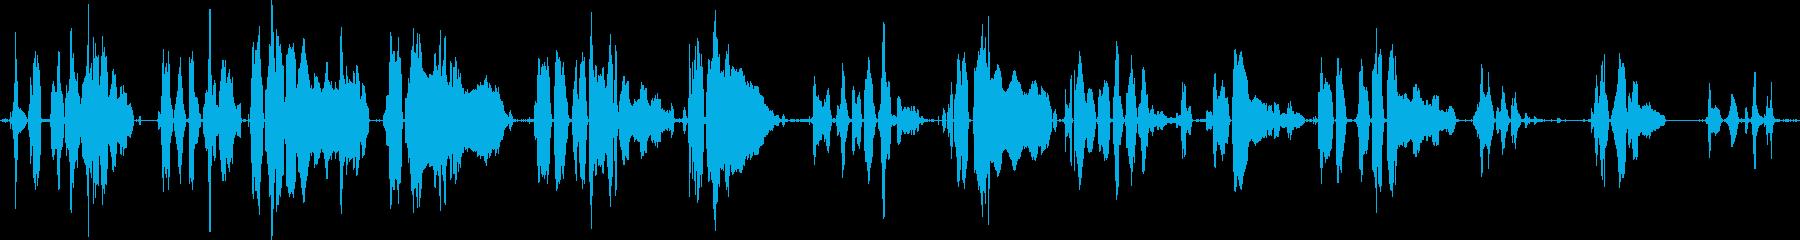 うえーん、えーんえーんの再生済みの波形